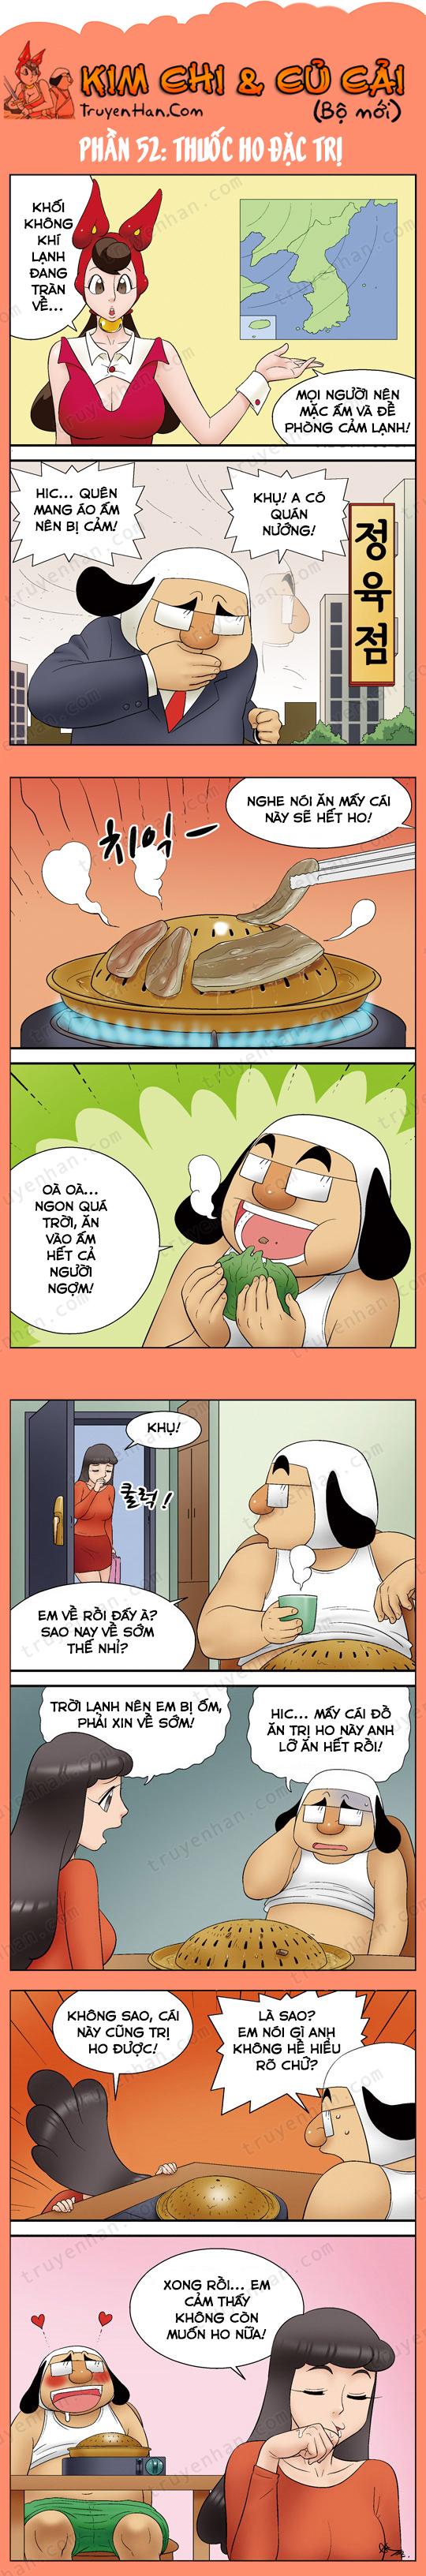 Kim Chi & Củ Cải (bộ mới) phần 52: Thuốc ho đặc trị